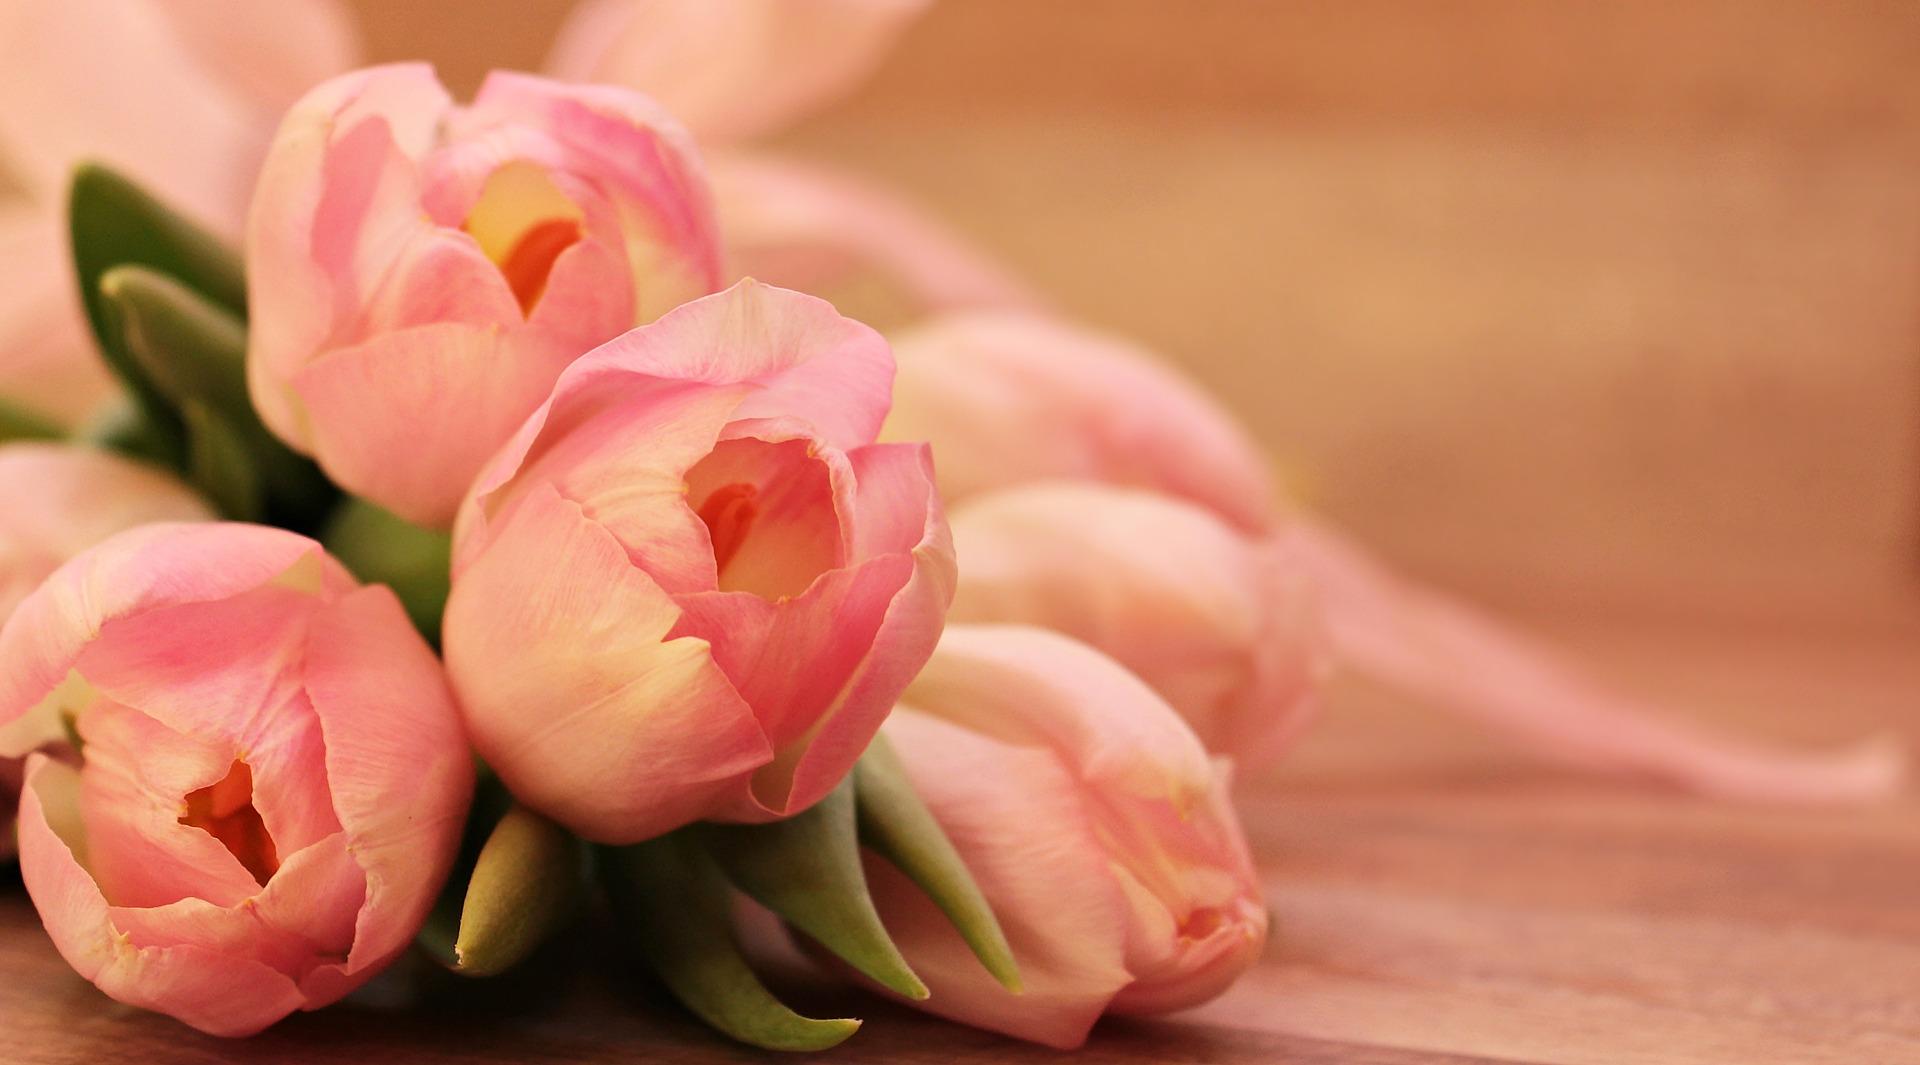 Tulips 2068692 1920 9w3vu